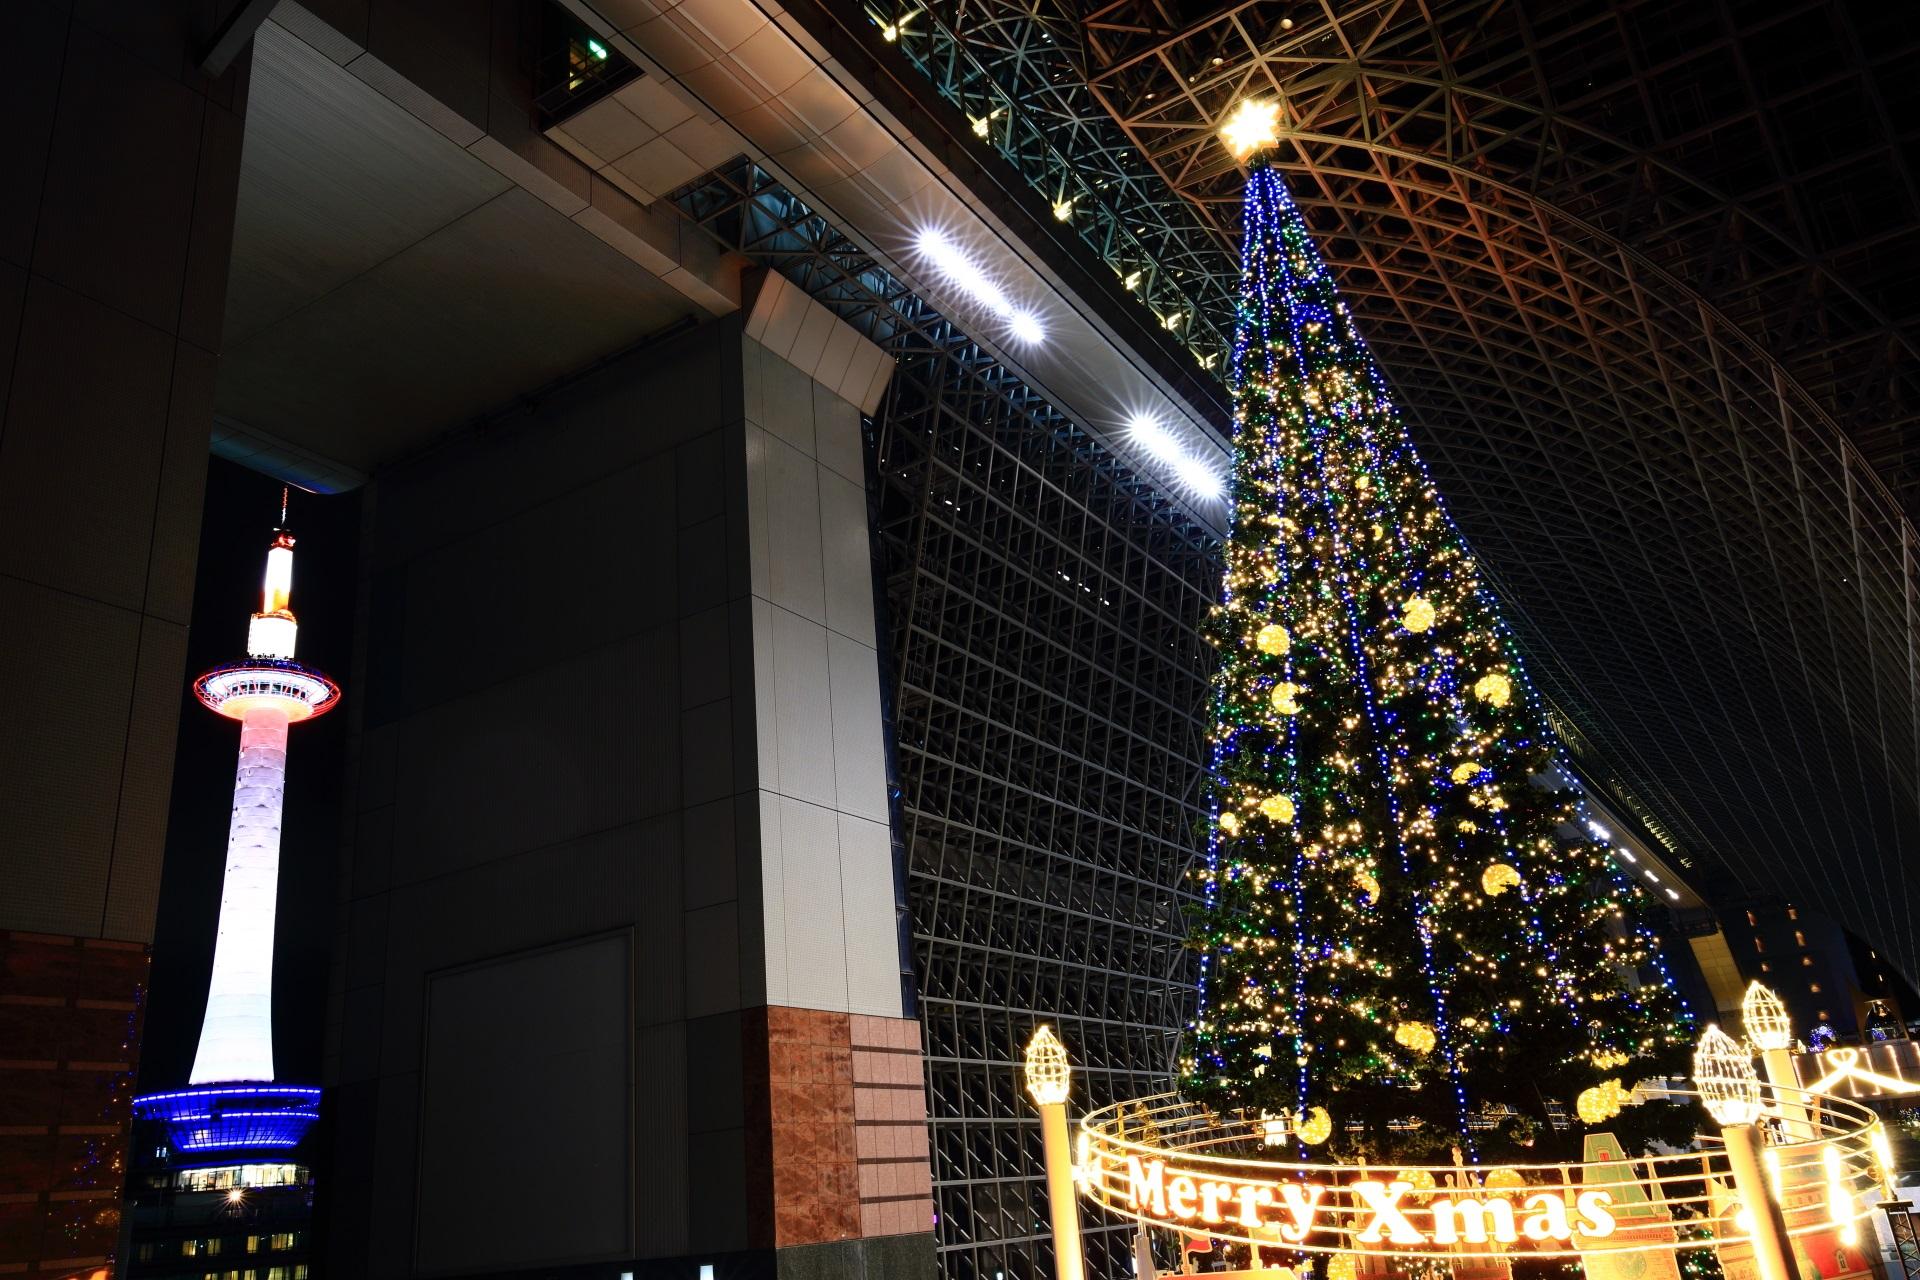 京都駅ビル イルミネーション 巨大クリスマスツリーと冬のライトアップ